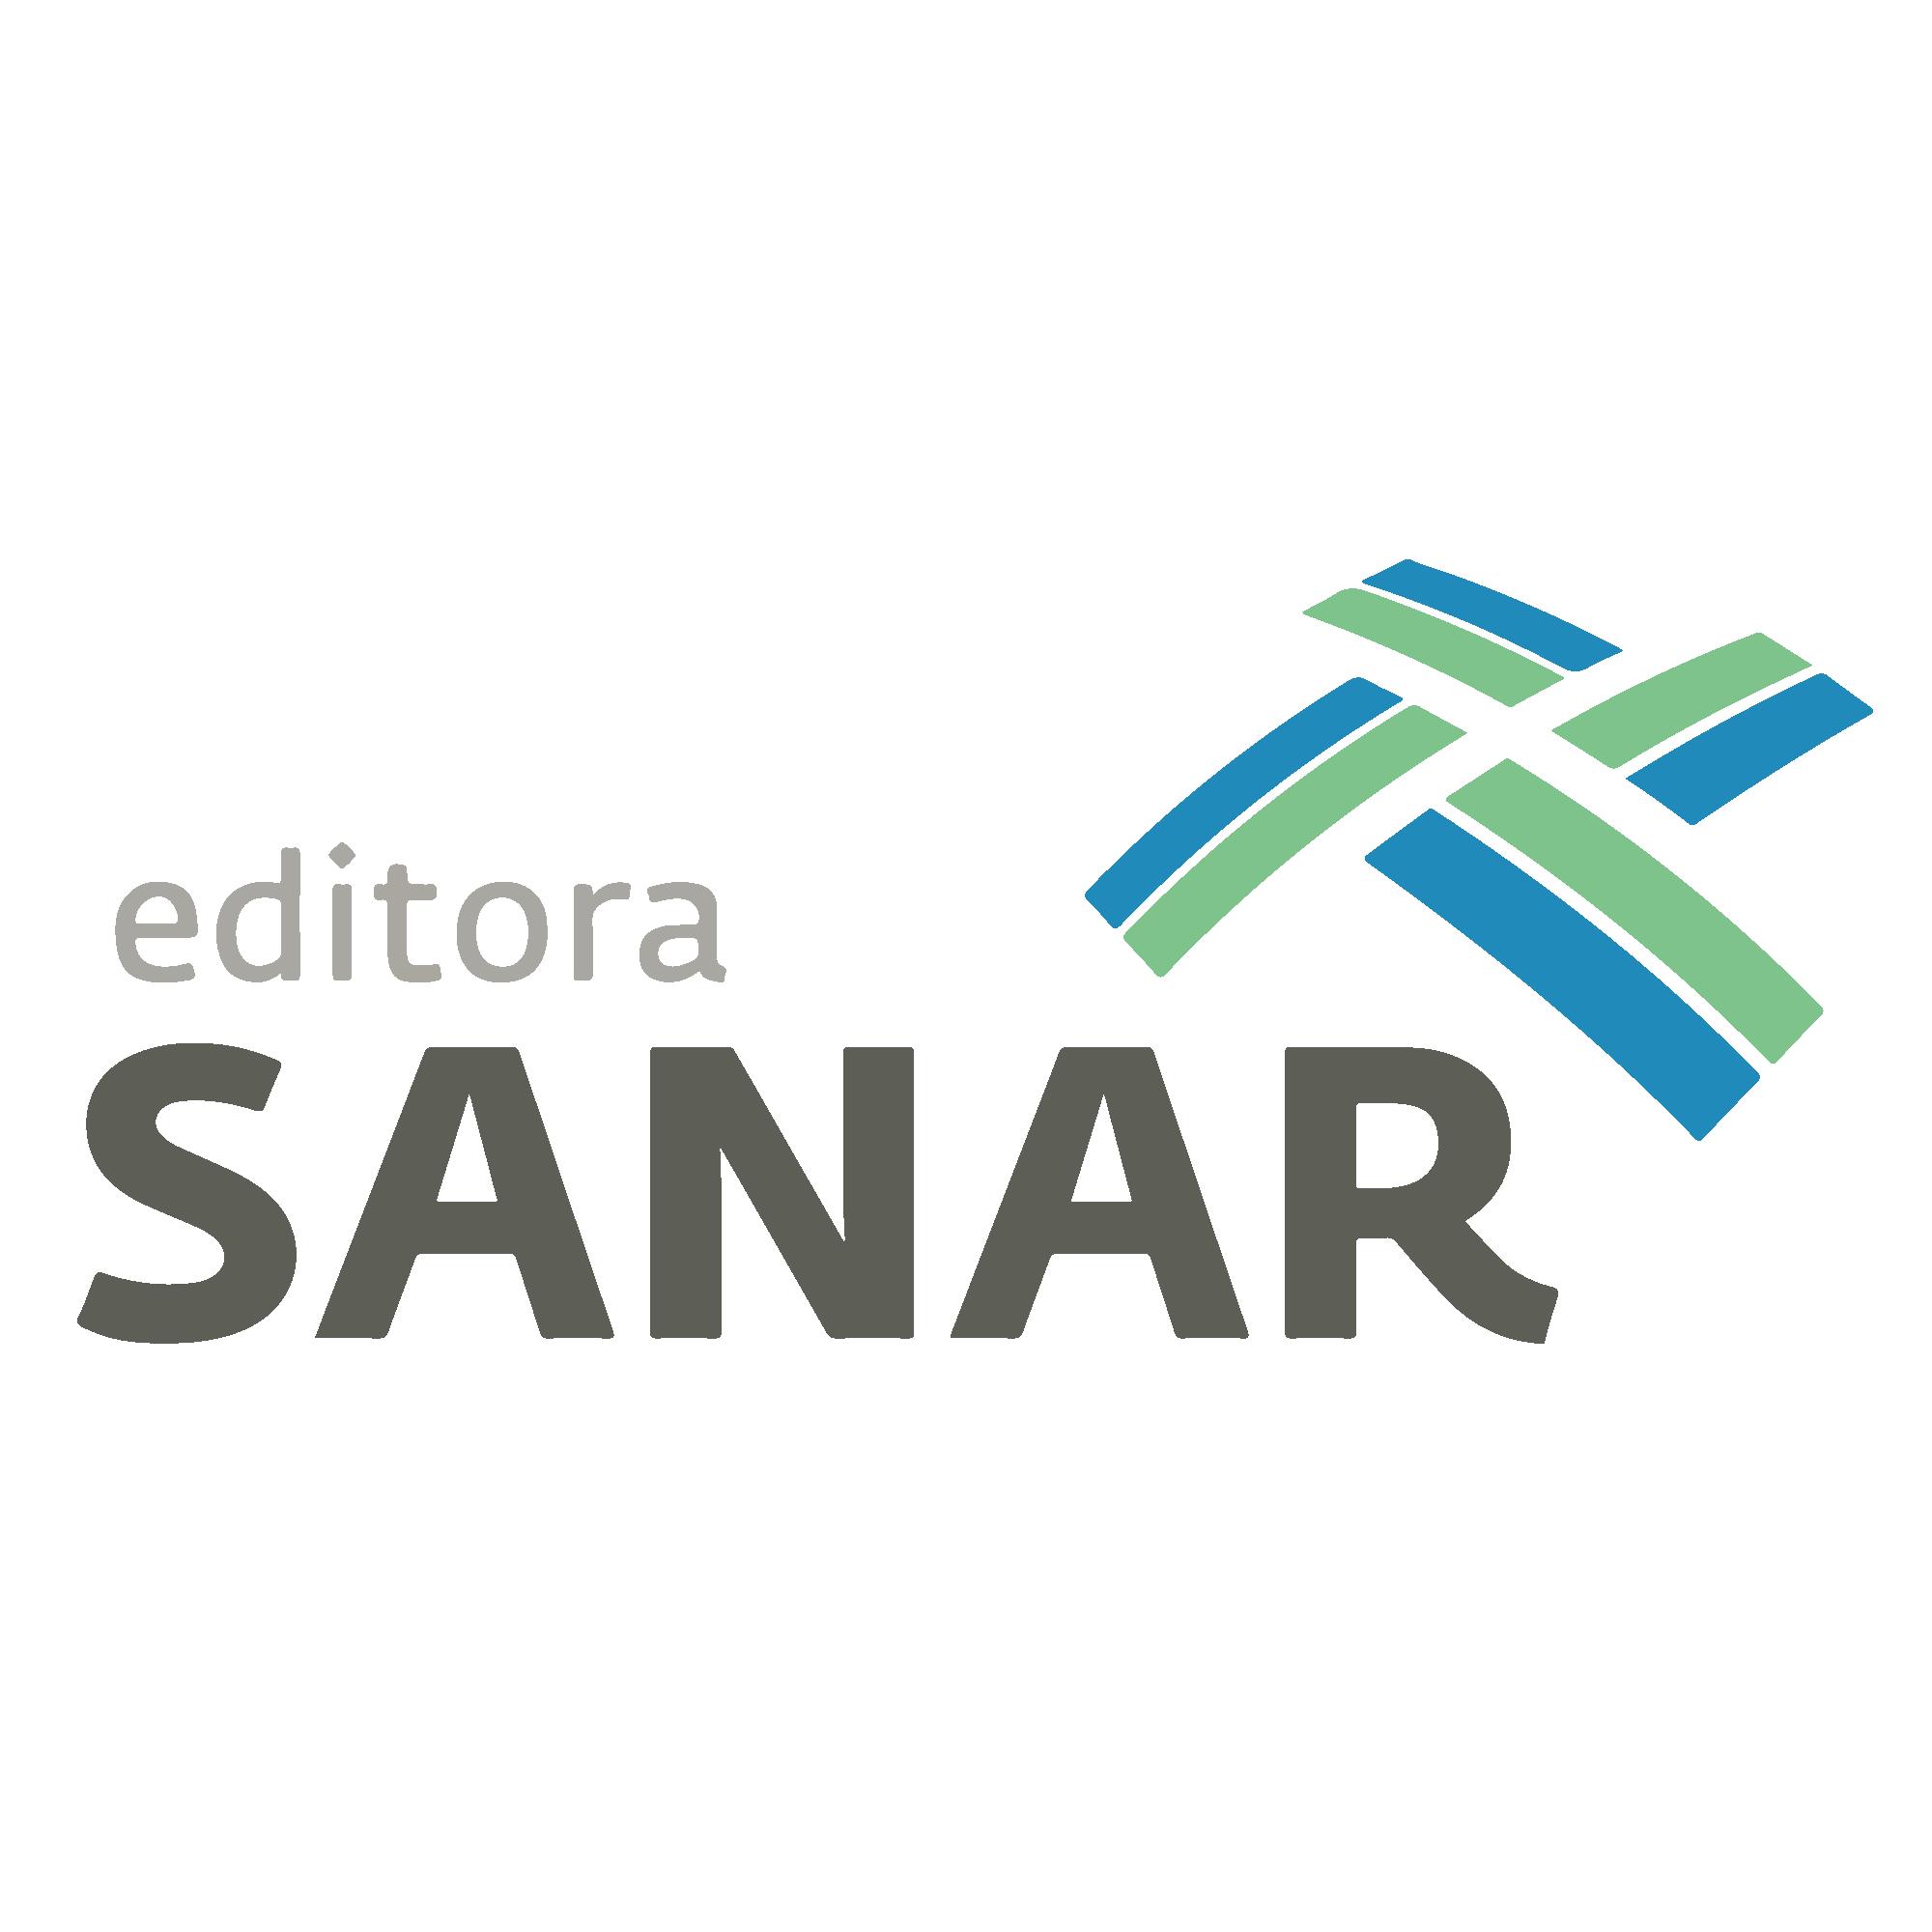 Editora Sanar